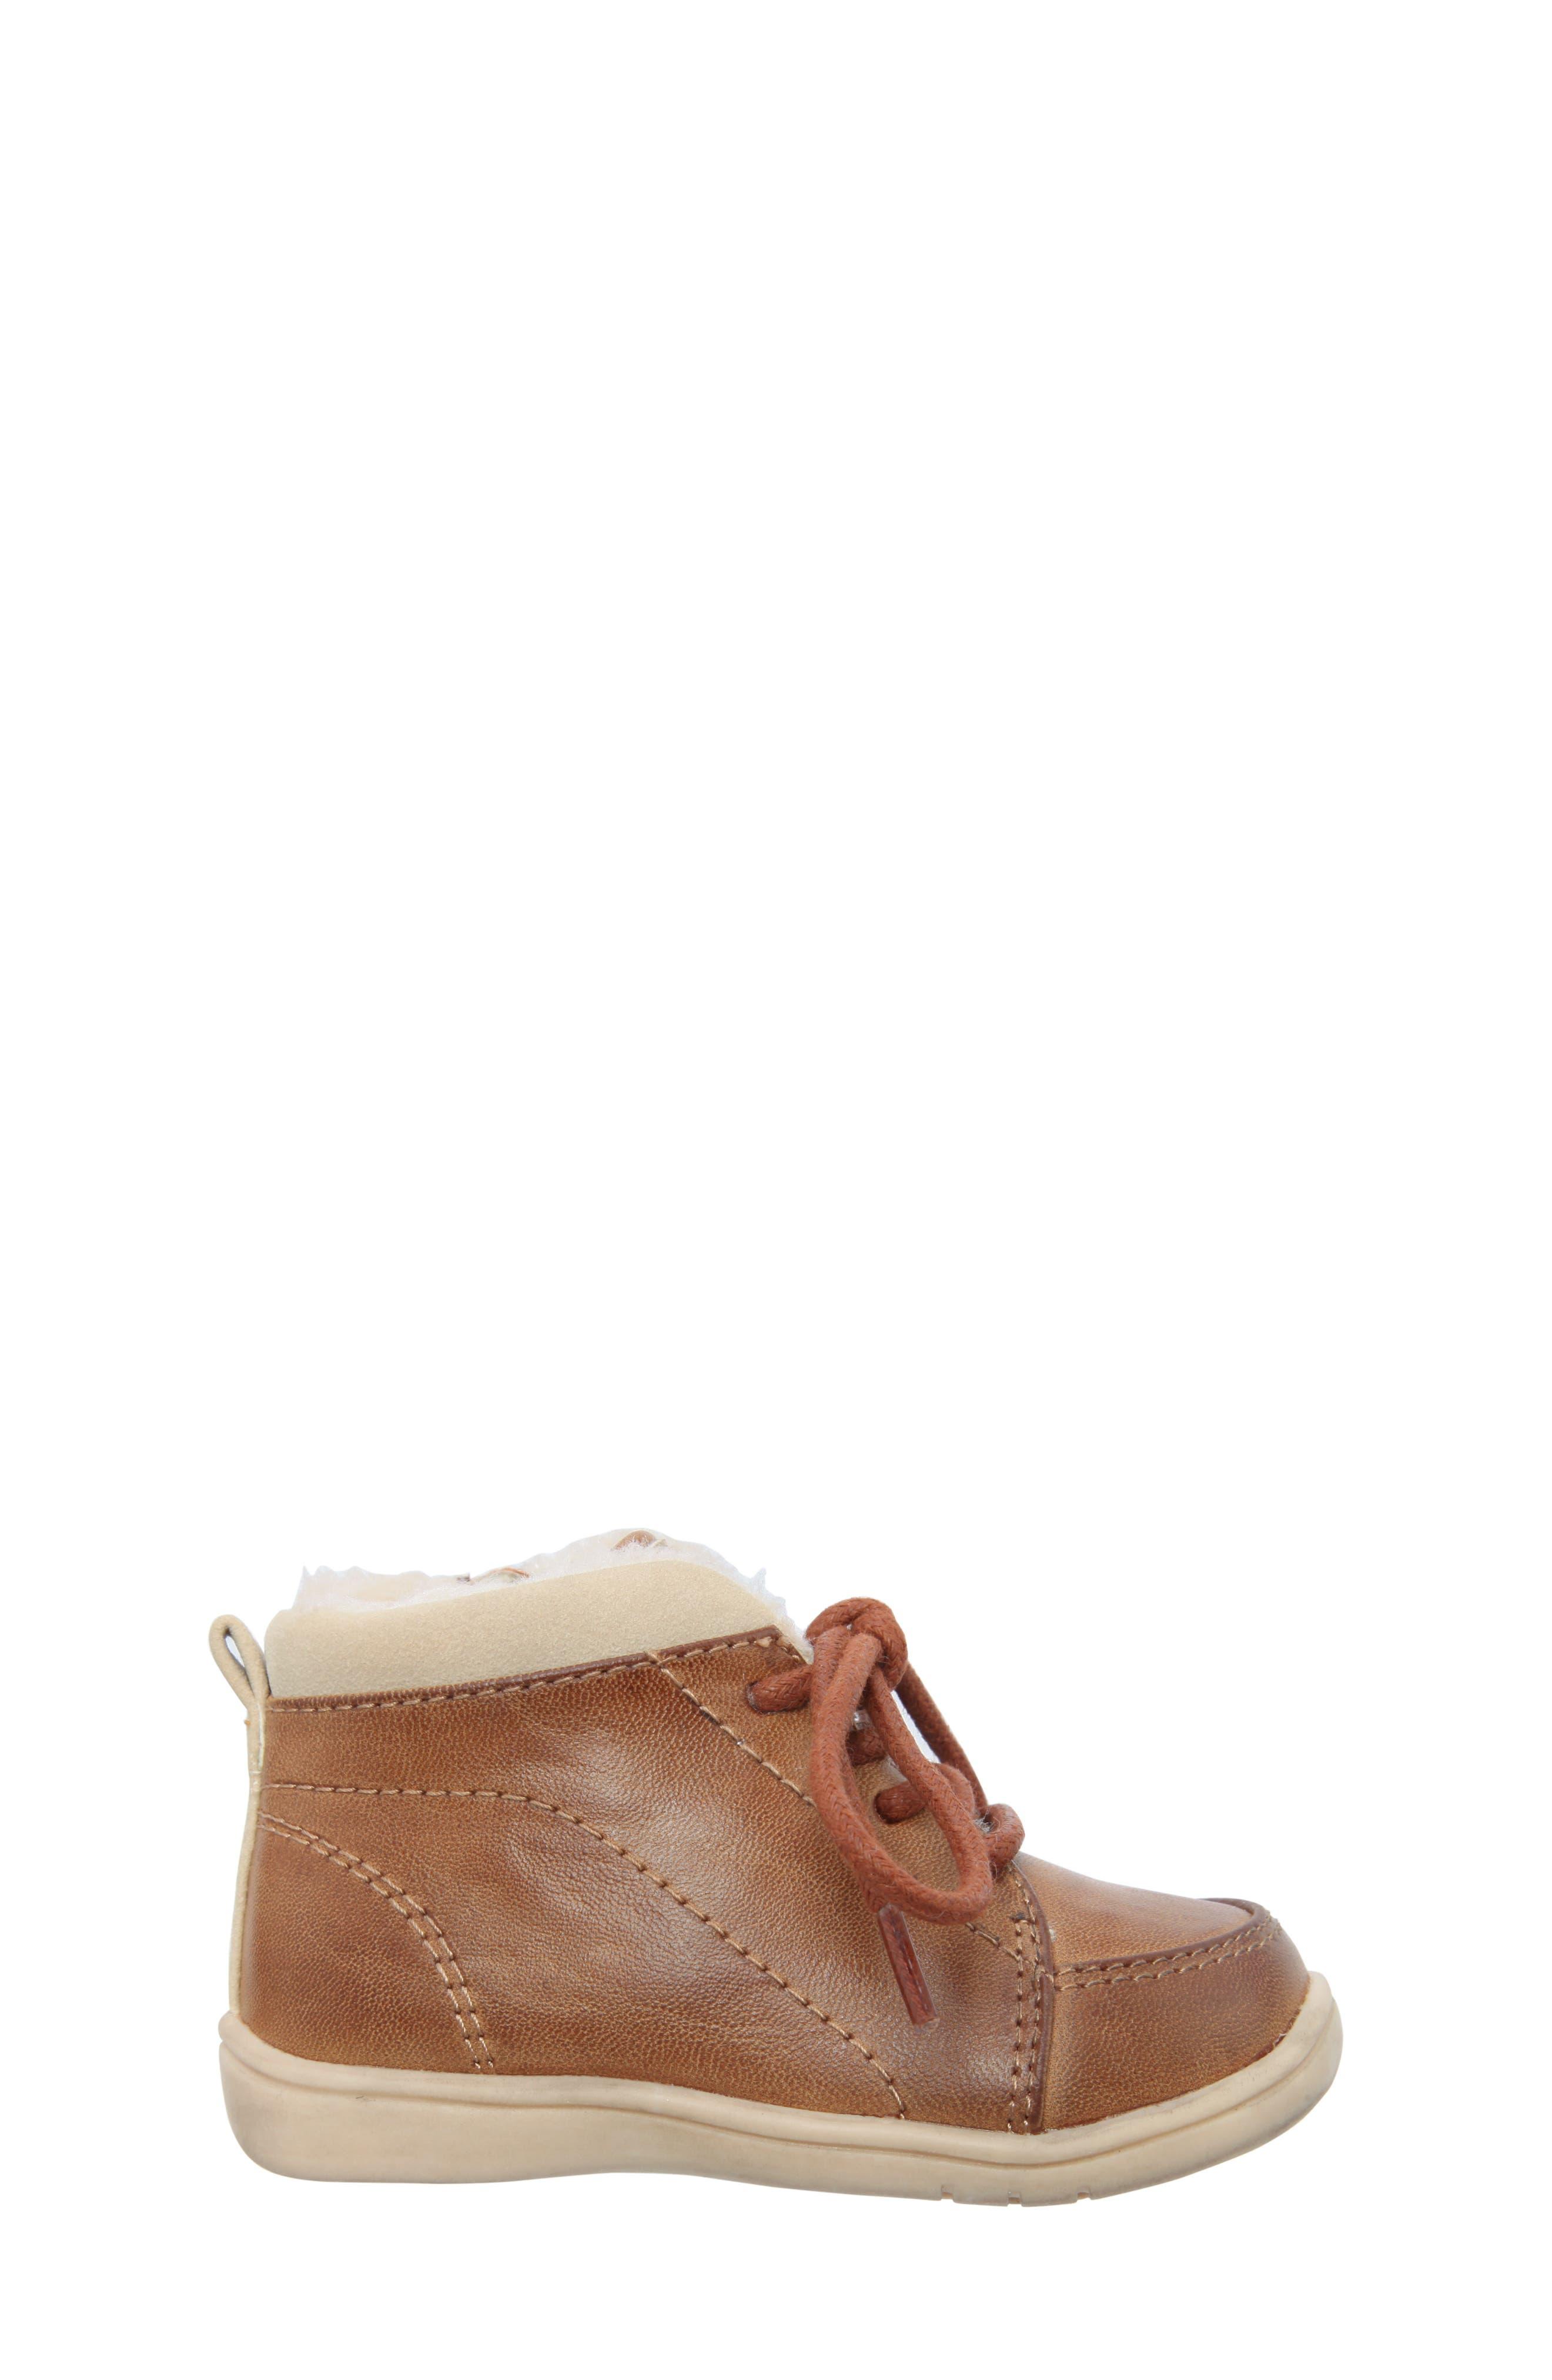 Nina Mobility Moe Sneaker,                             Alternate thumbnail 3, color,                             Brown Burnish